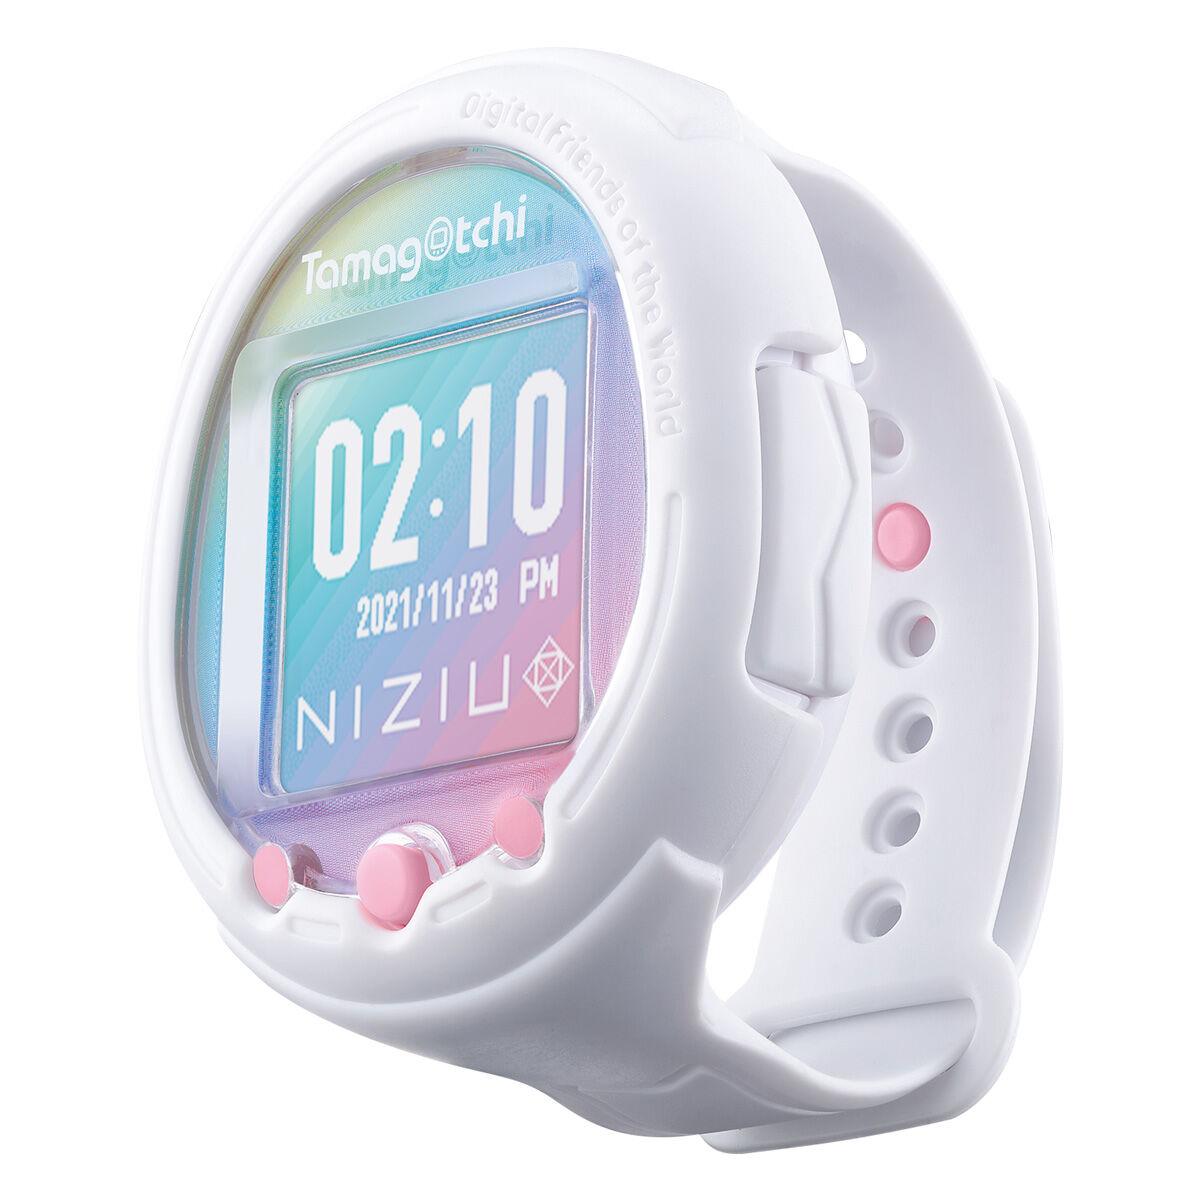 Tamagotchi Smart NiziUスペシャルセット